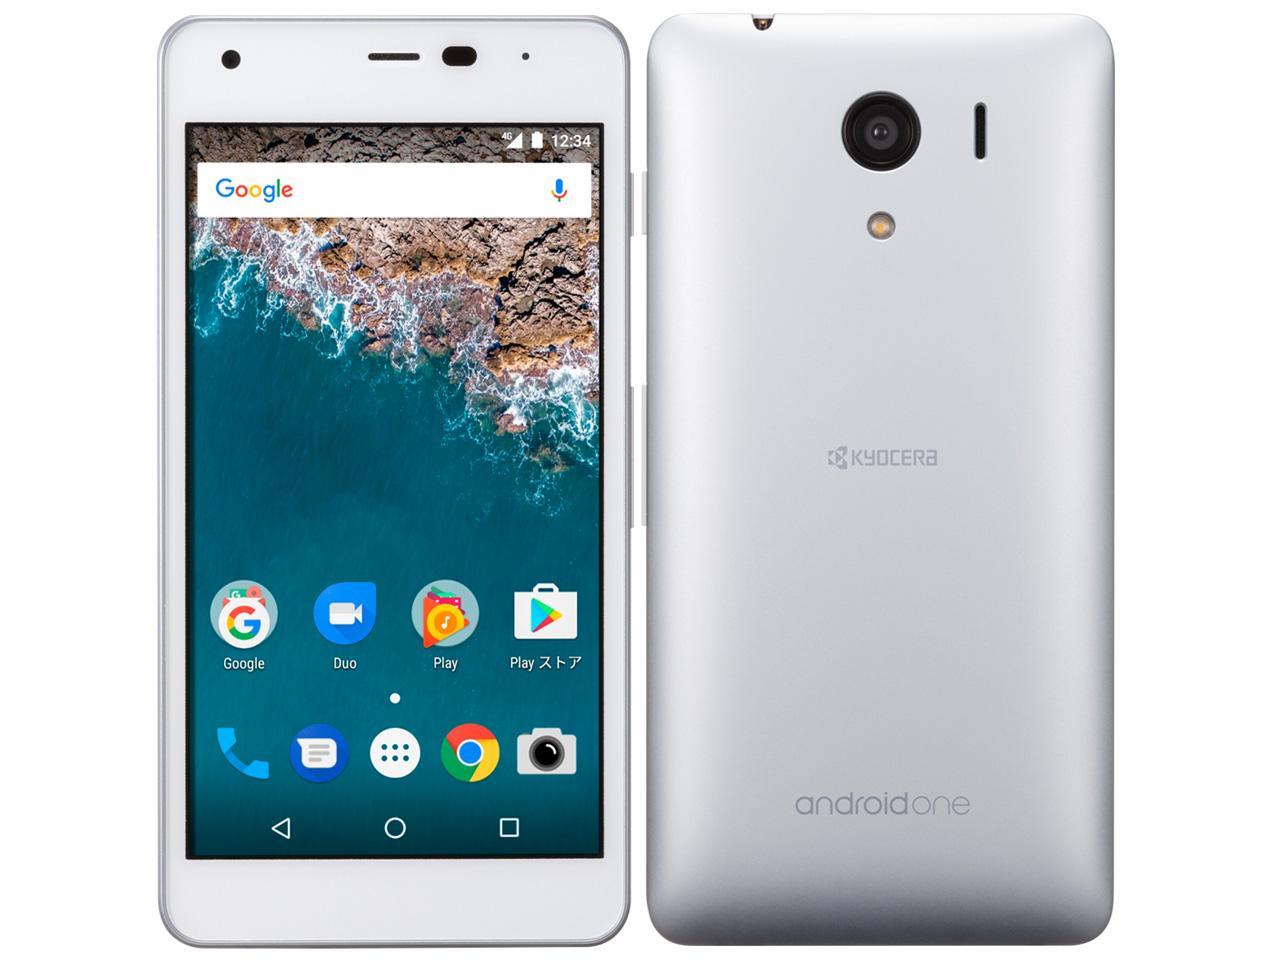 Android One S2 ワイモバイル SIMロック解除済 京セラ 白ロム  2017年春モデル